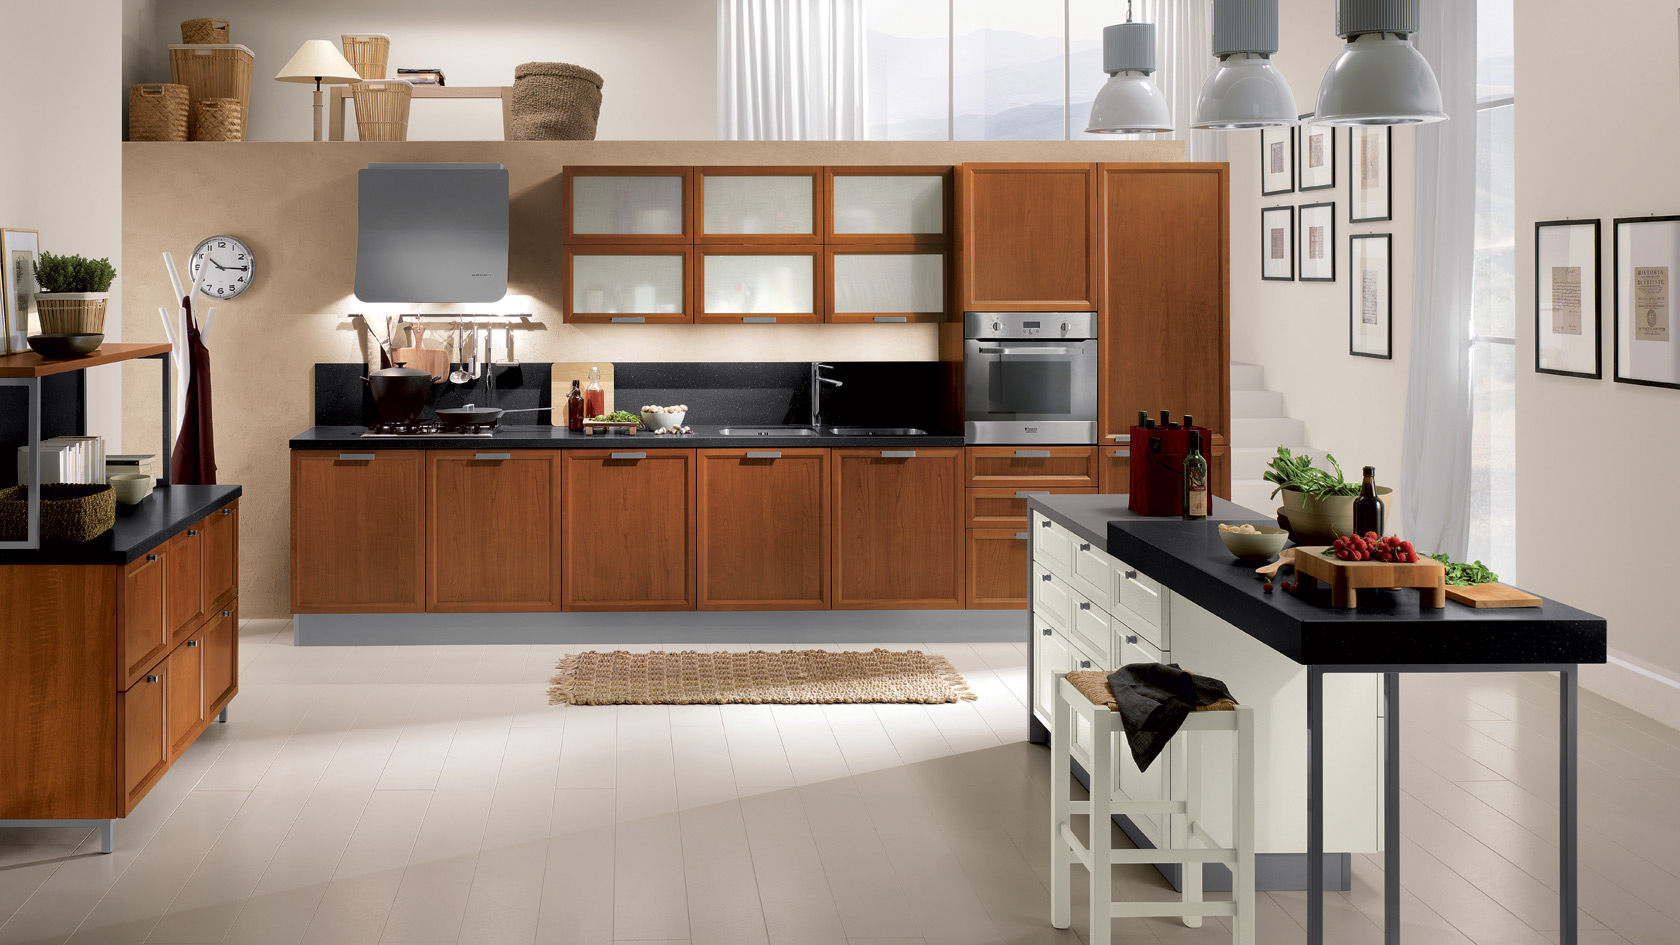 Cucina scavolini atelier arredamenti modena 5 for Bulgarelli arredamenti modena